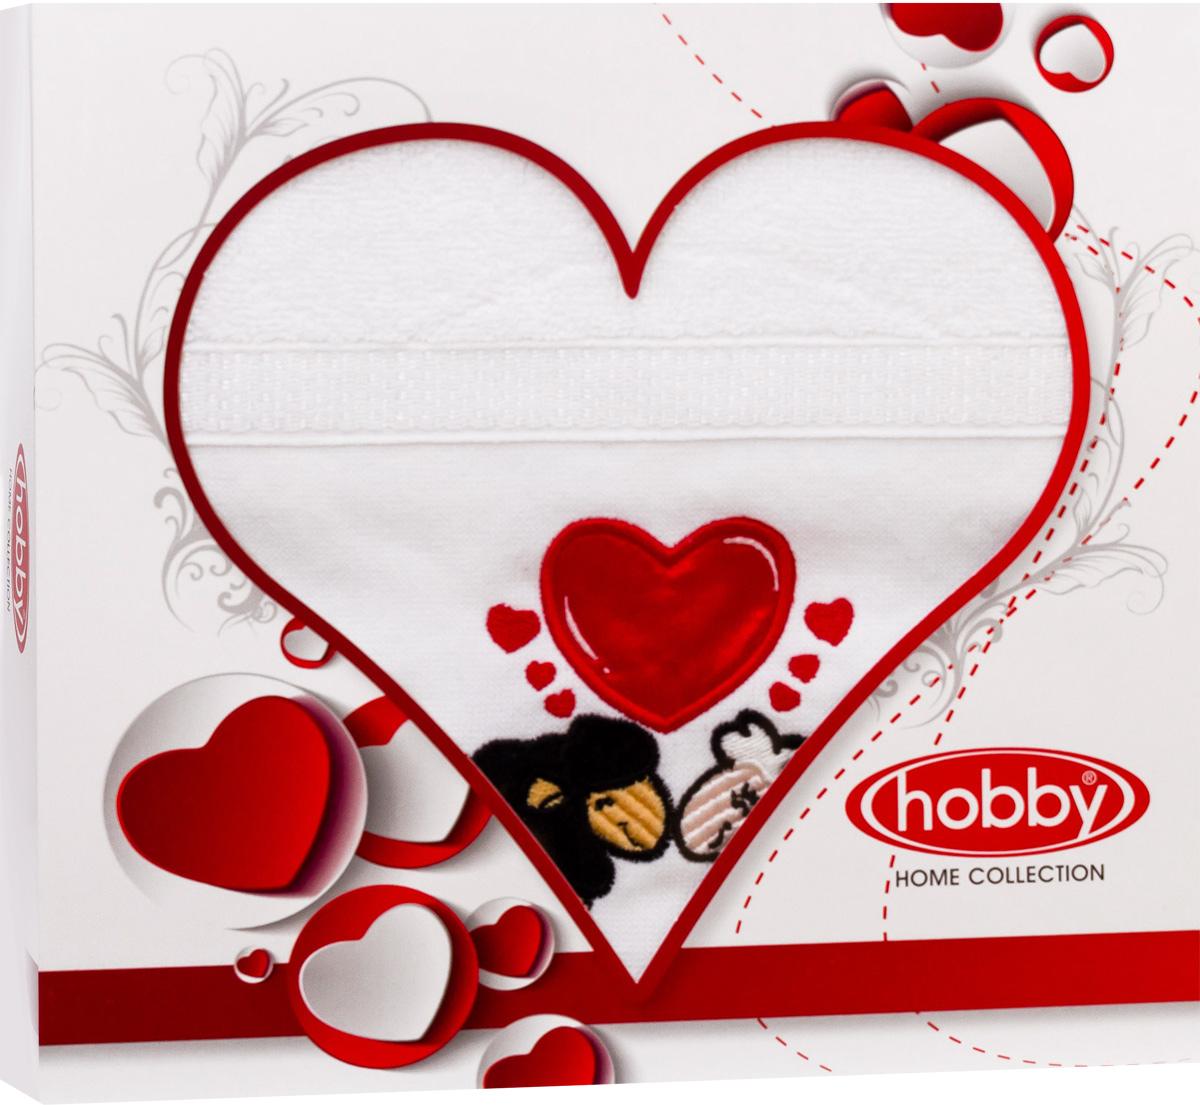 Полотенце Hobby Home Collection Love, 50 х 90 см. 15010005031501000503Полотенце Hobby Home Collection Love выполнено из 100% хлопка. Изделие отлично впитывает влагу, быстро сохнет, сохраняет яркость цвета и не теряет форму даже после многократных стирок. Такое полотенце очень практично и неприхотливо в уходе. А простой, но стильный дизайн полотенца позволит ему вписаться даже в классический интерьер ванной комнаты.